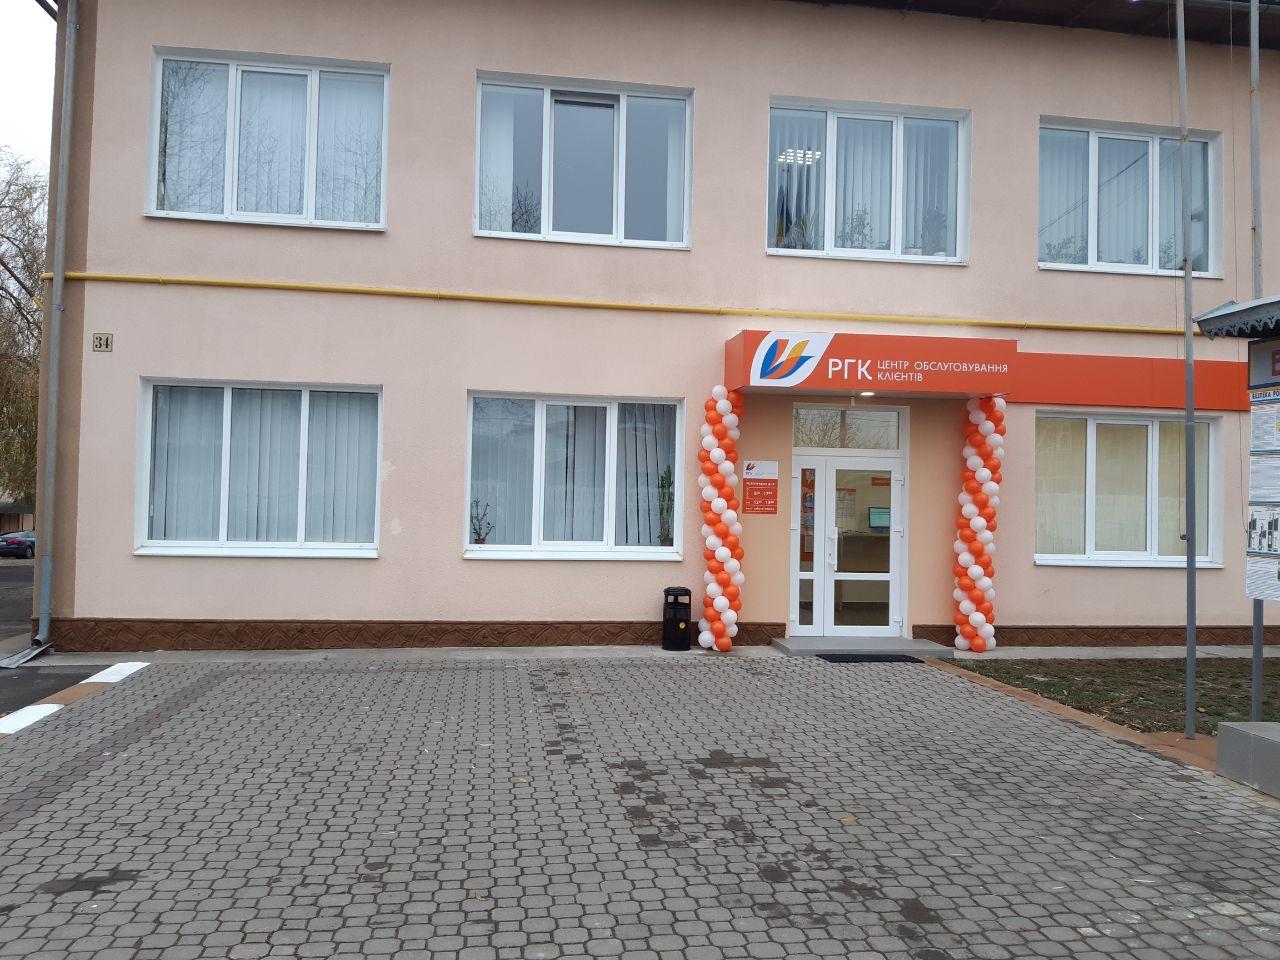 У Снятині газовики відкрили сучасний Центр обслуговування клієнтів 6